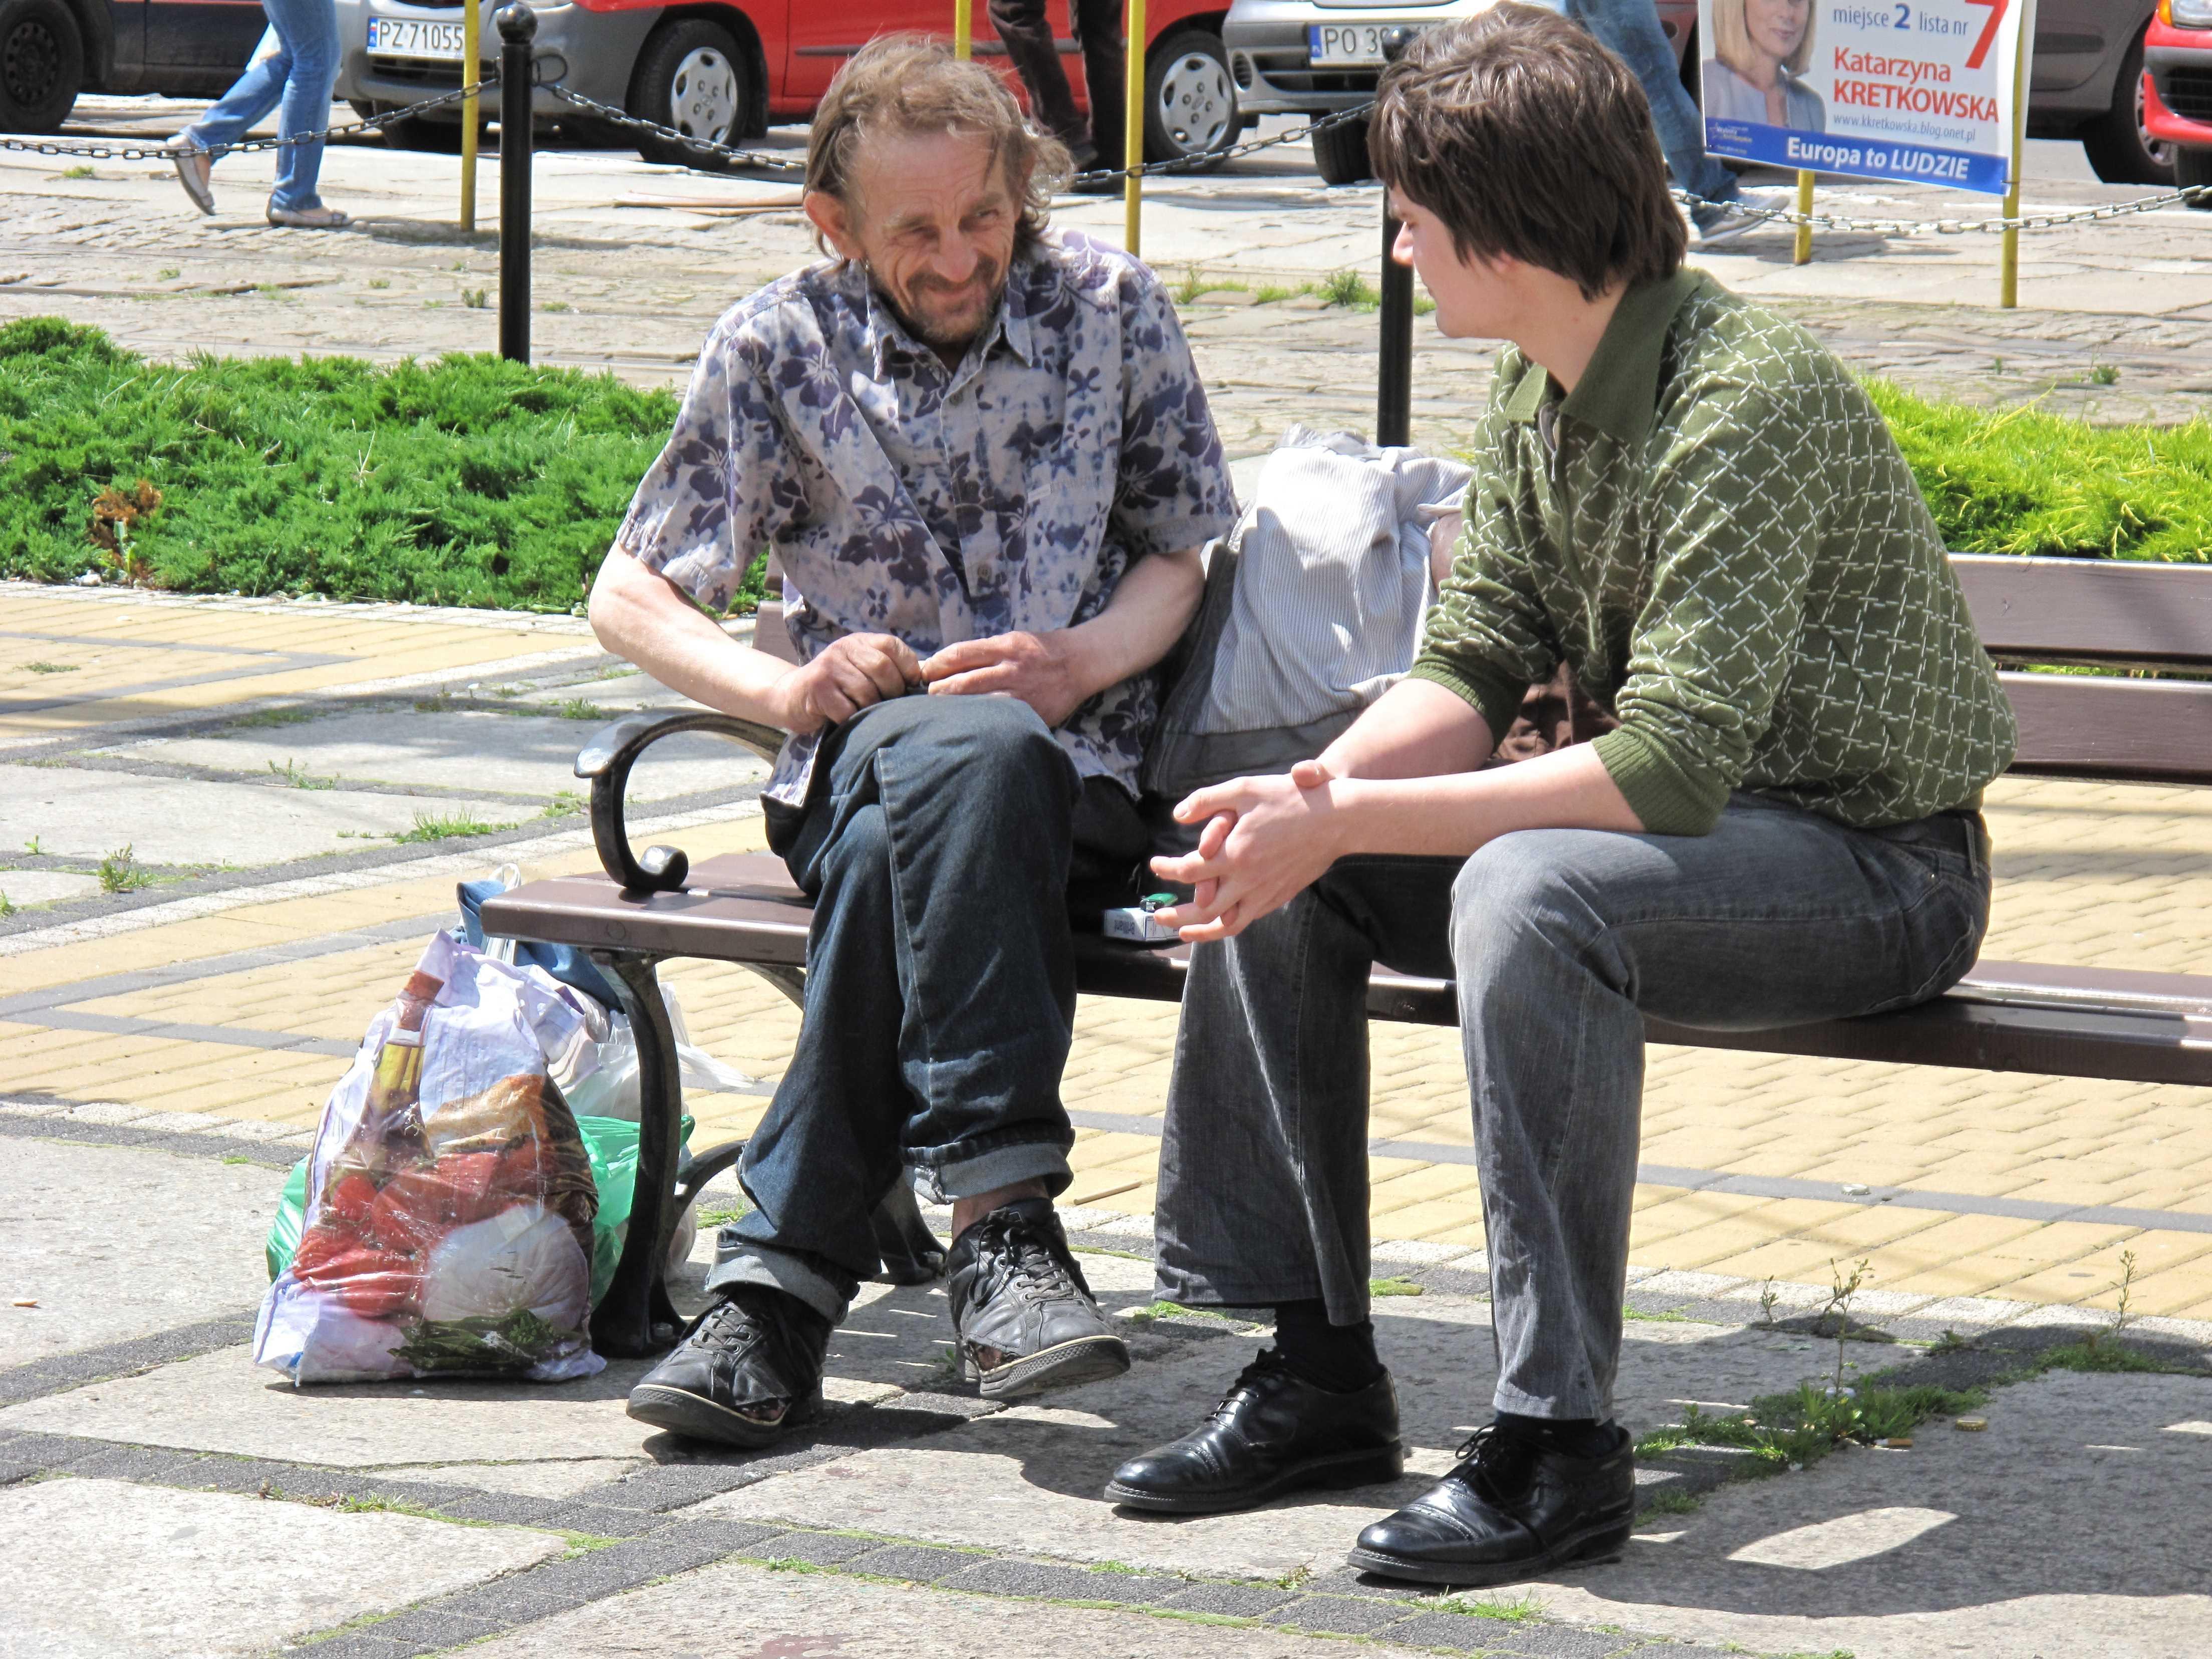 Franciszek Orłowski Pocałunek miłości (2009). Dzięki uprzejmości artysty orazCSW Zamek Ujazdowski